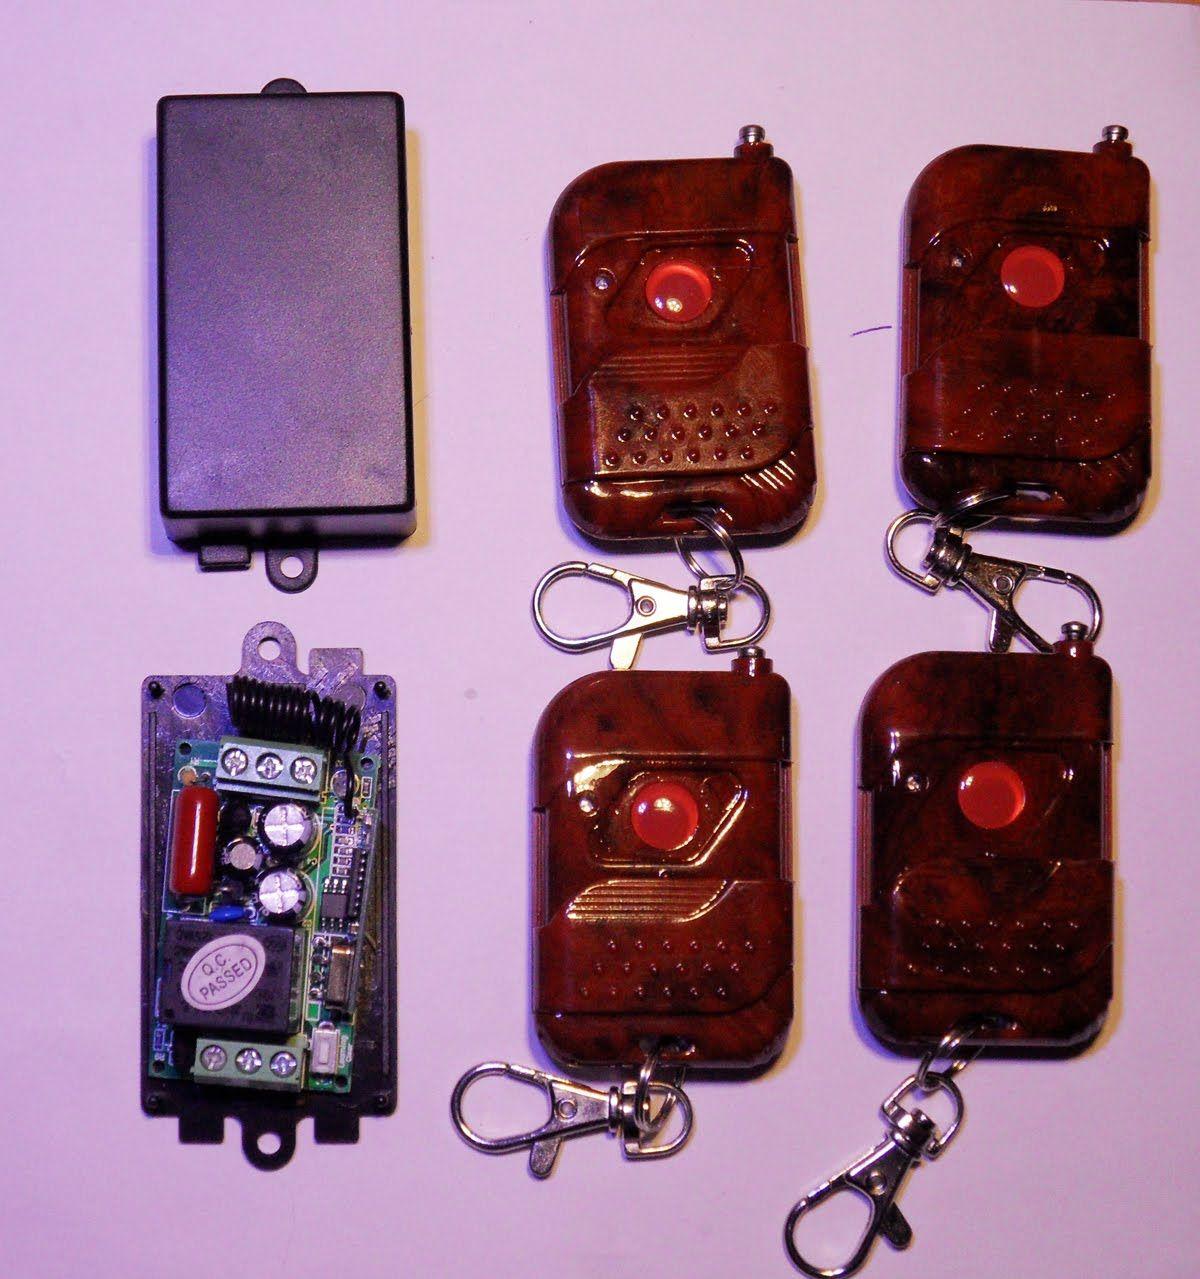 Circuito Emisor Receptor : Control remoto emisor y receptor inalambrico de v con